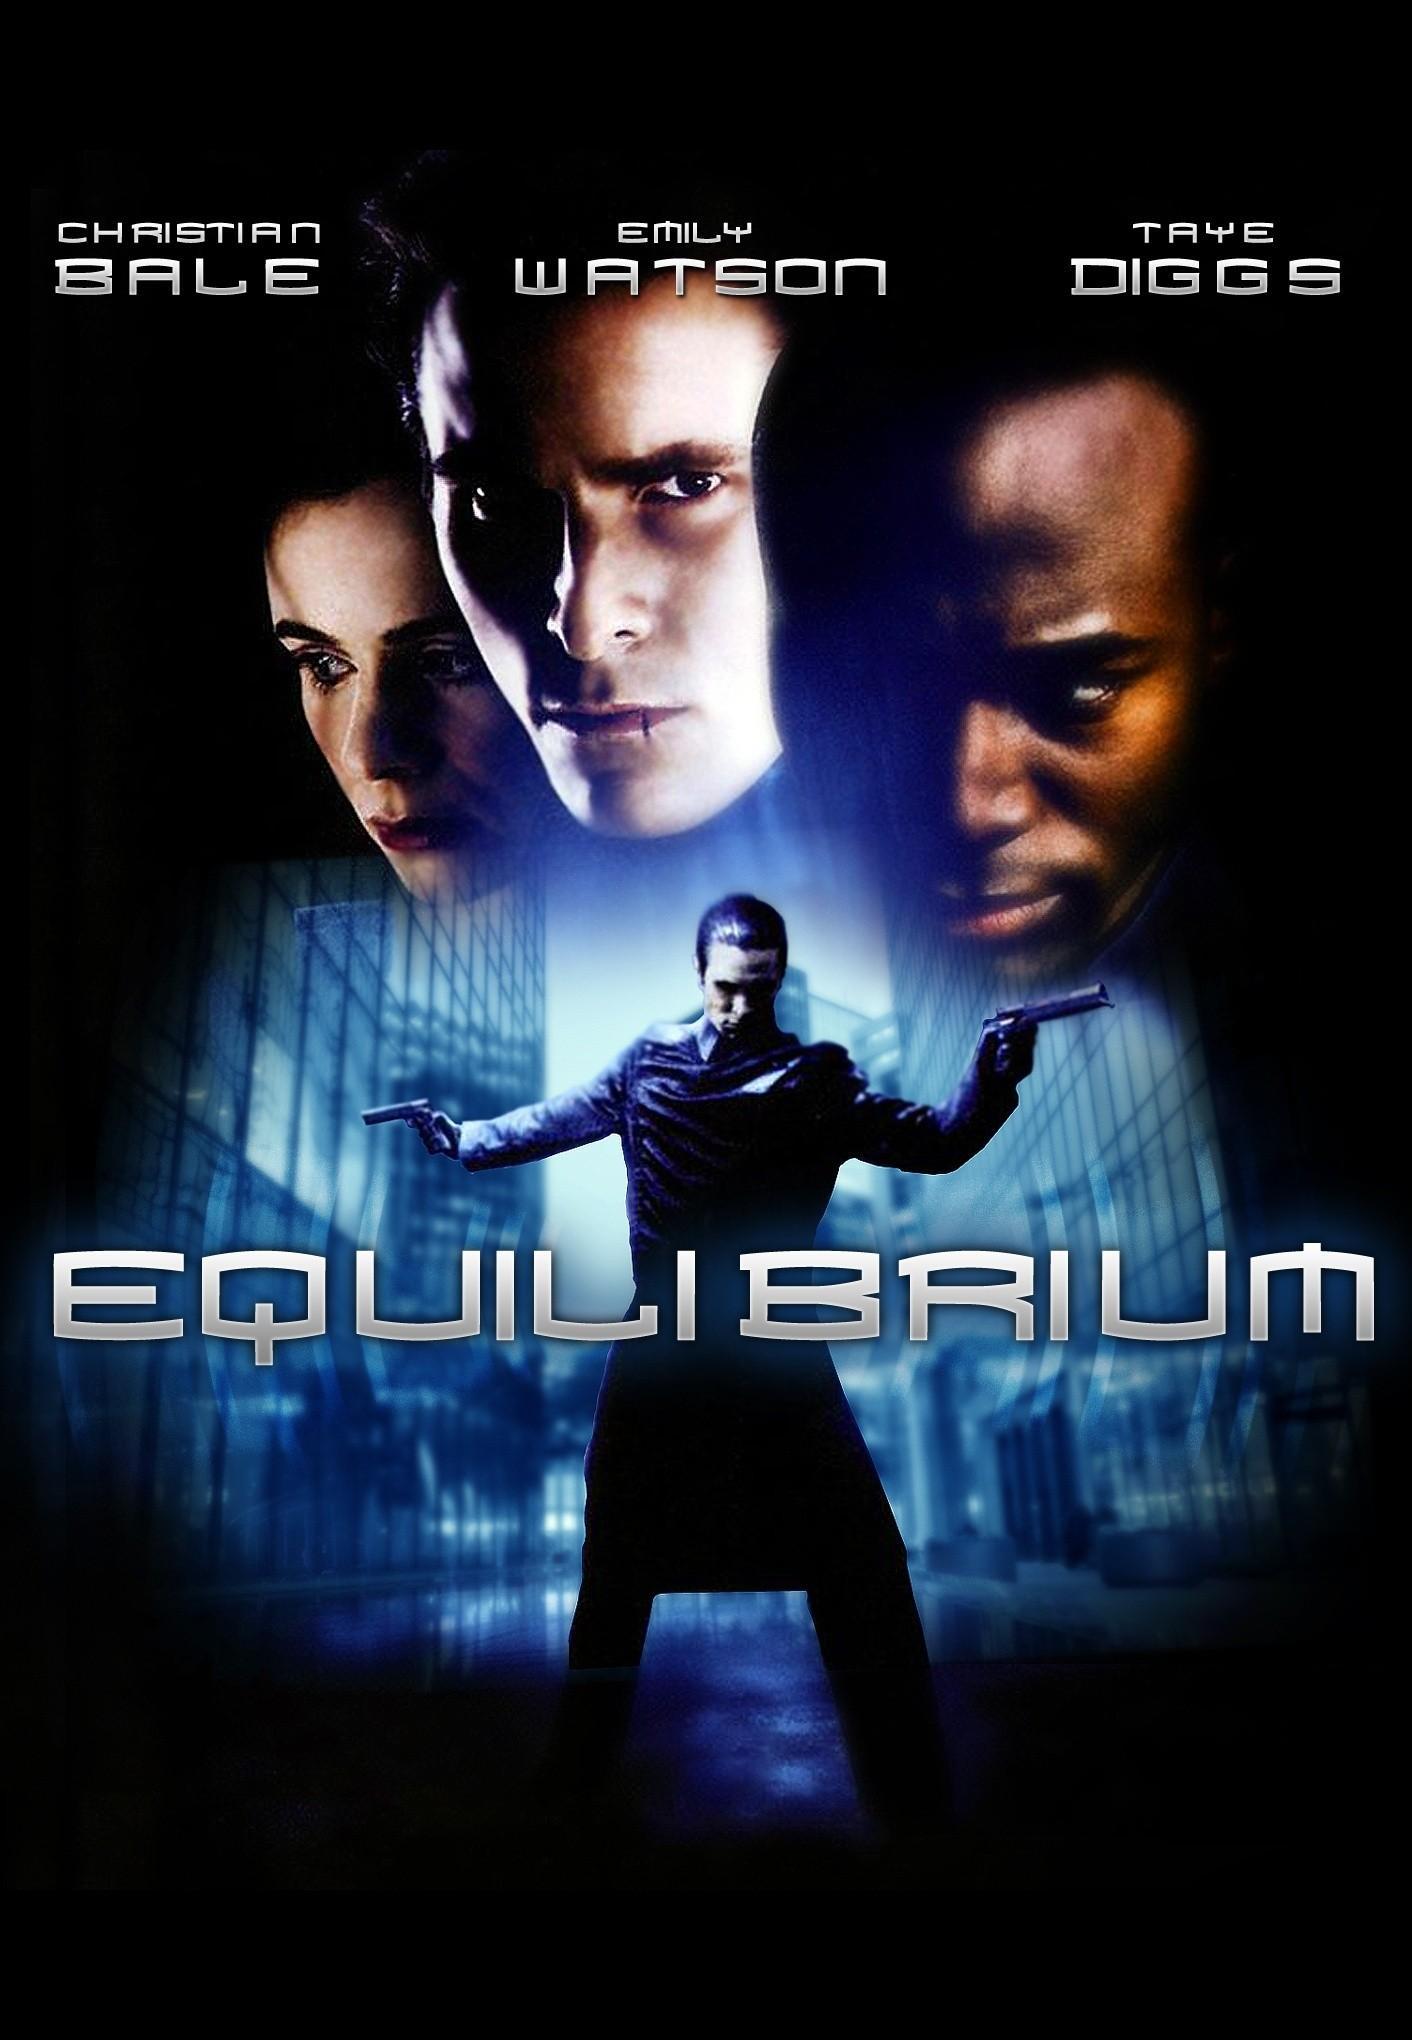 equilibrium film